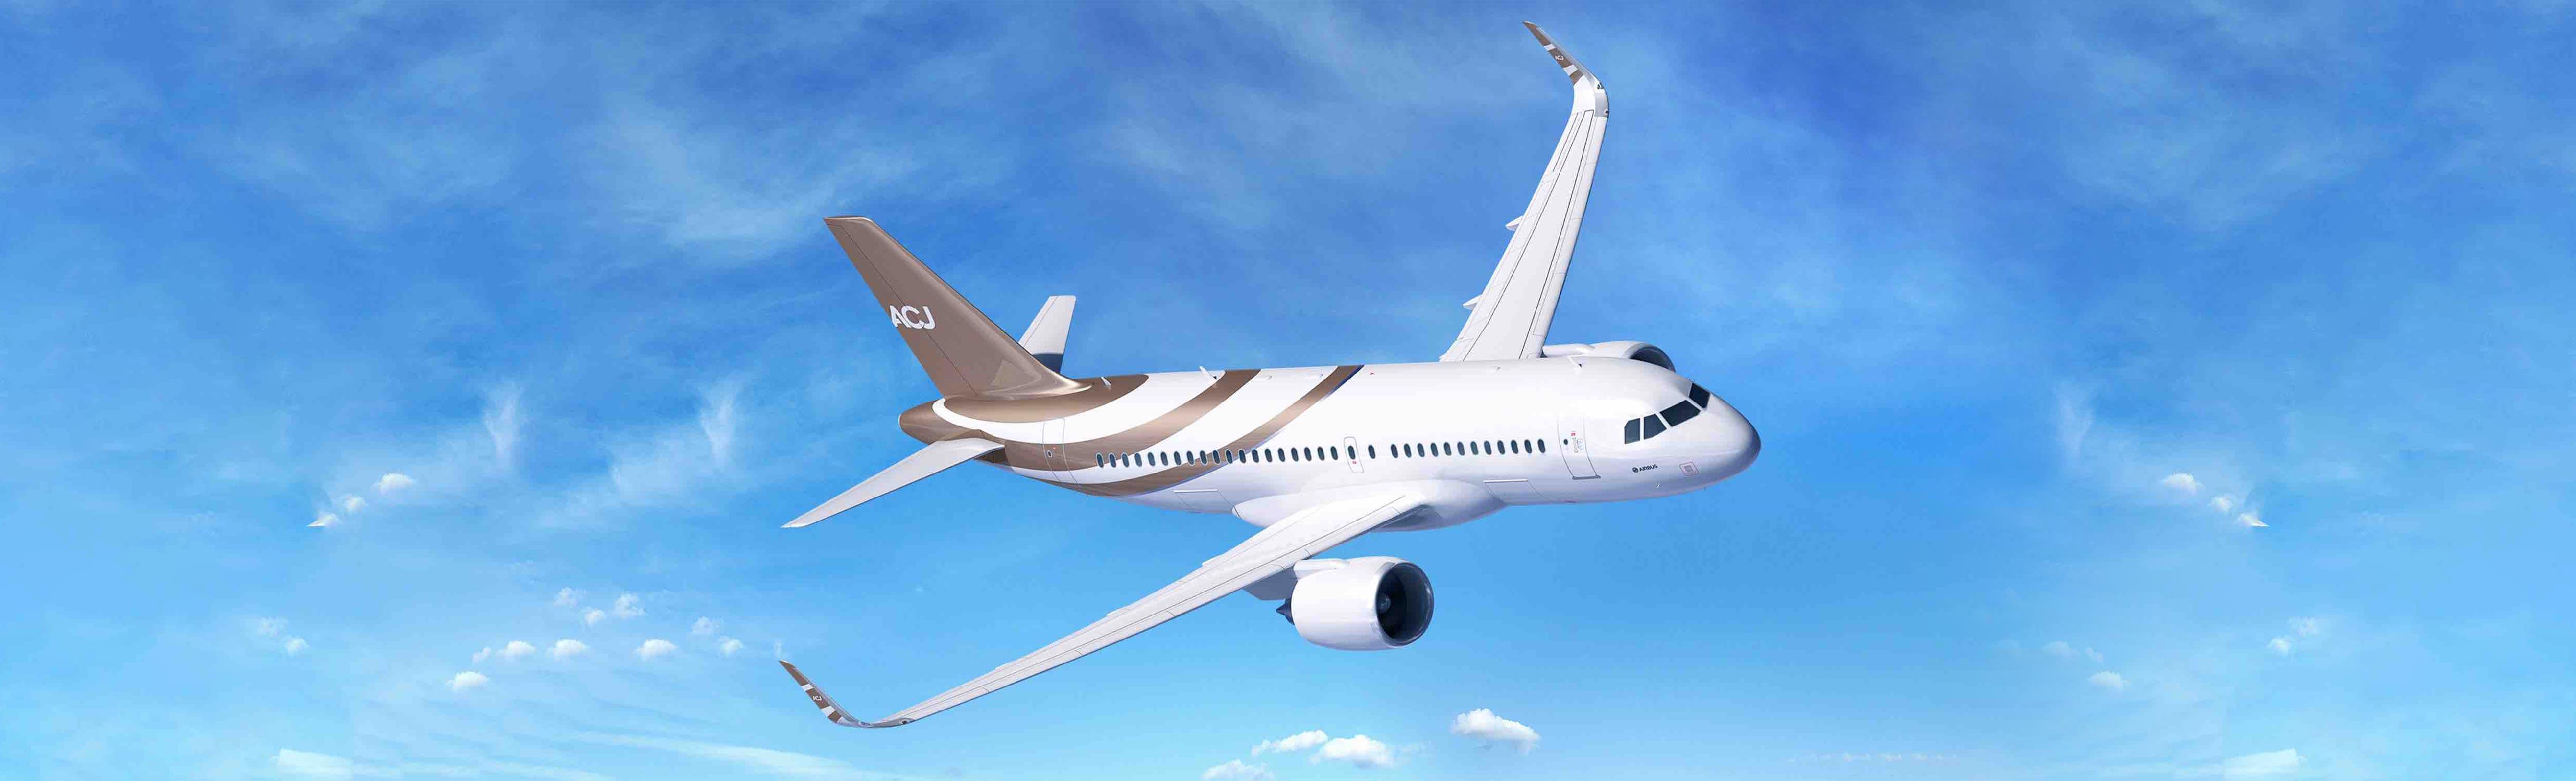 TAG航空范保罗机场提供空客公务机系列航线的维护支援服务